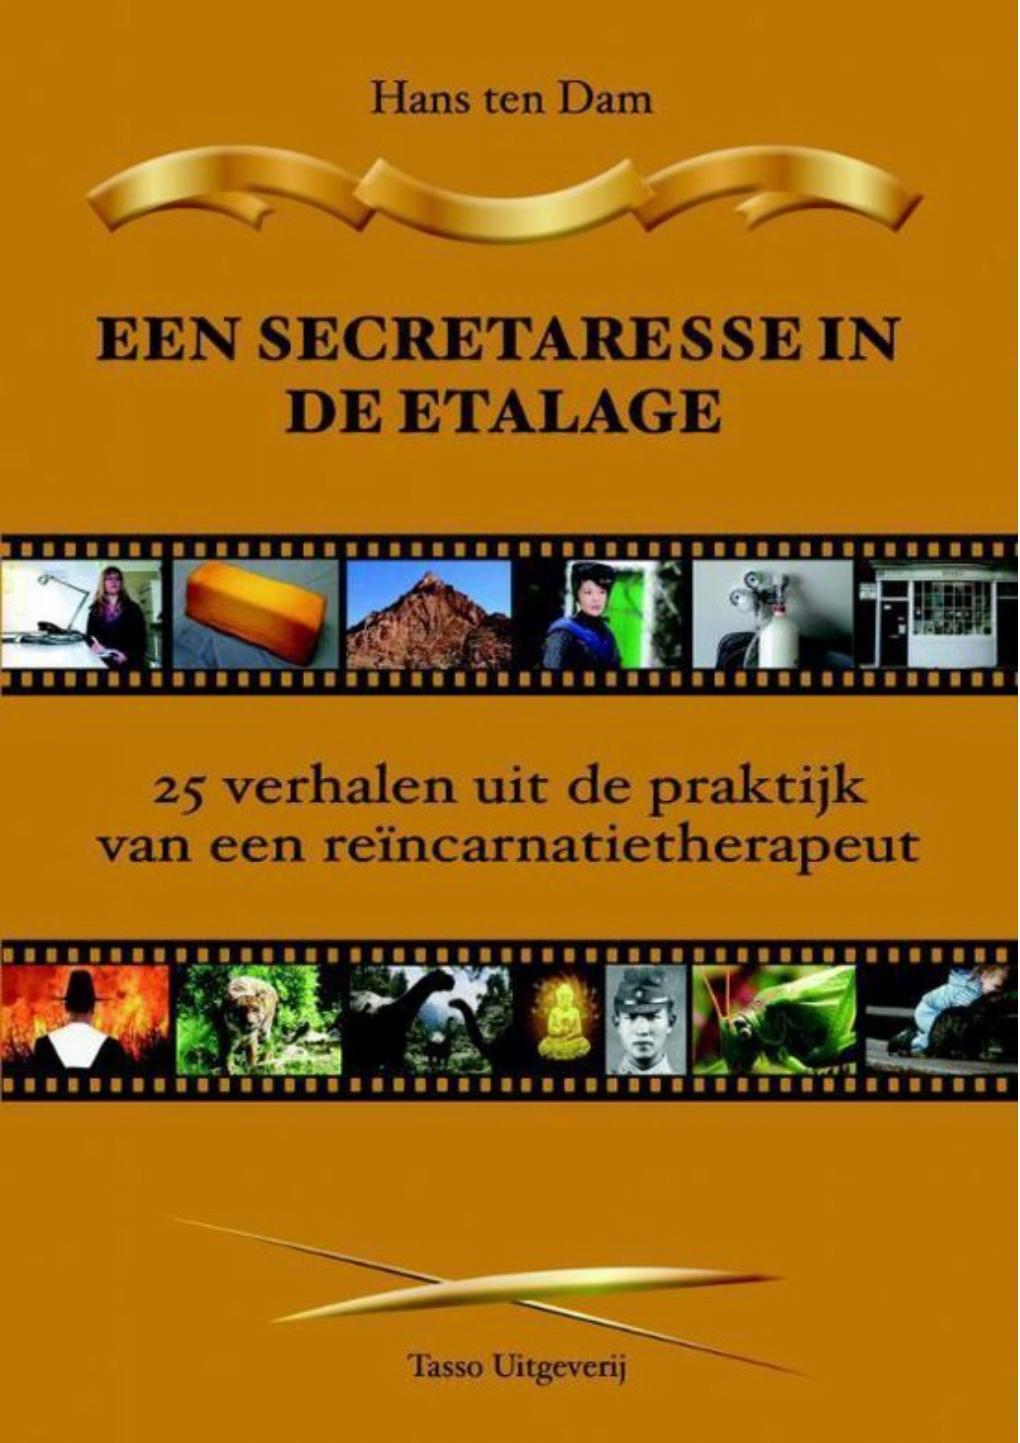 2020-09-18-12_05_04-bol.com-_-Een-secretaresse-in-de-etalage-Hans-ten-Dam-_-9789075568257-_-Boeken-1